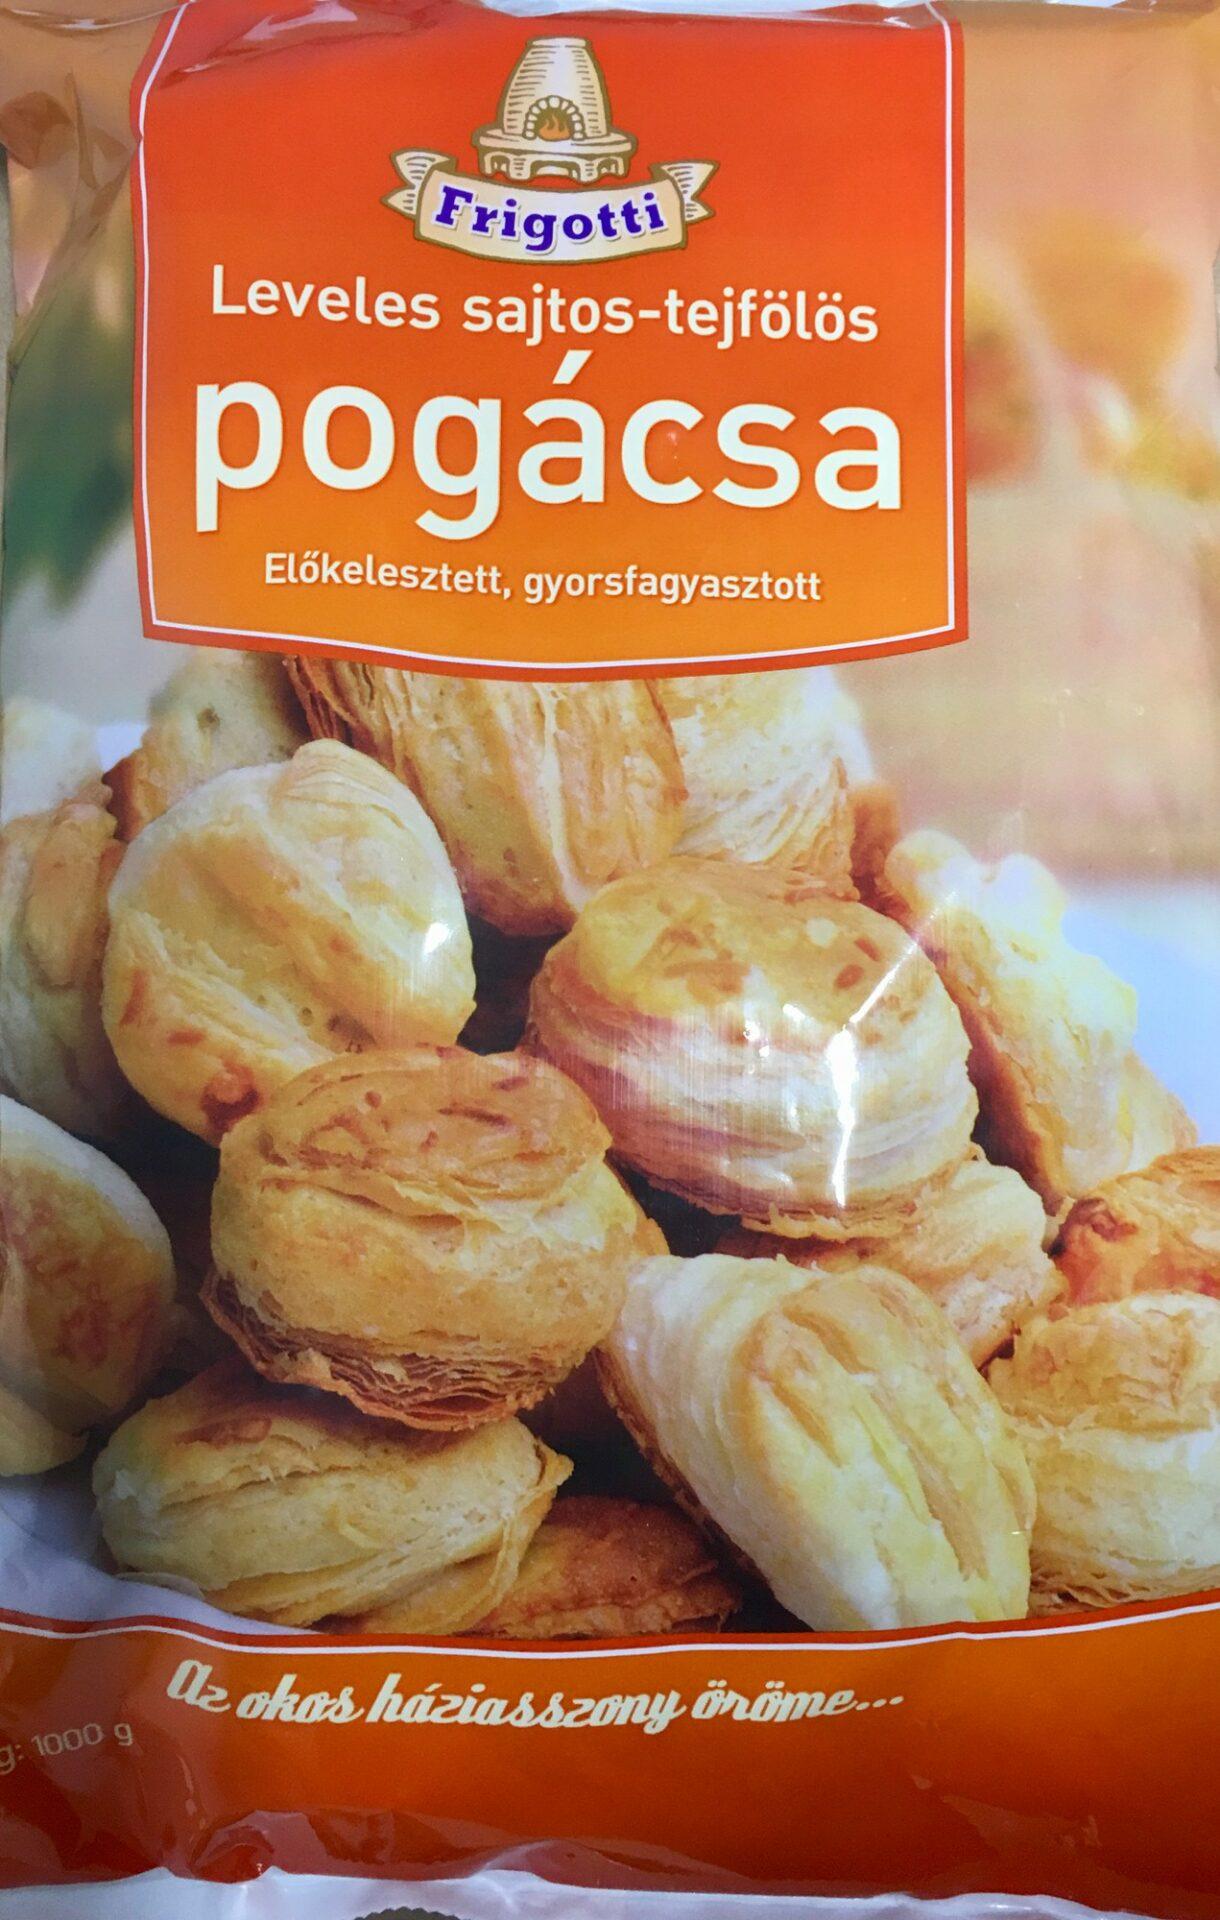 Sajtos Pogácsa Frigotti (fagyasztott) – Cheese scones 1kg